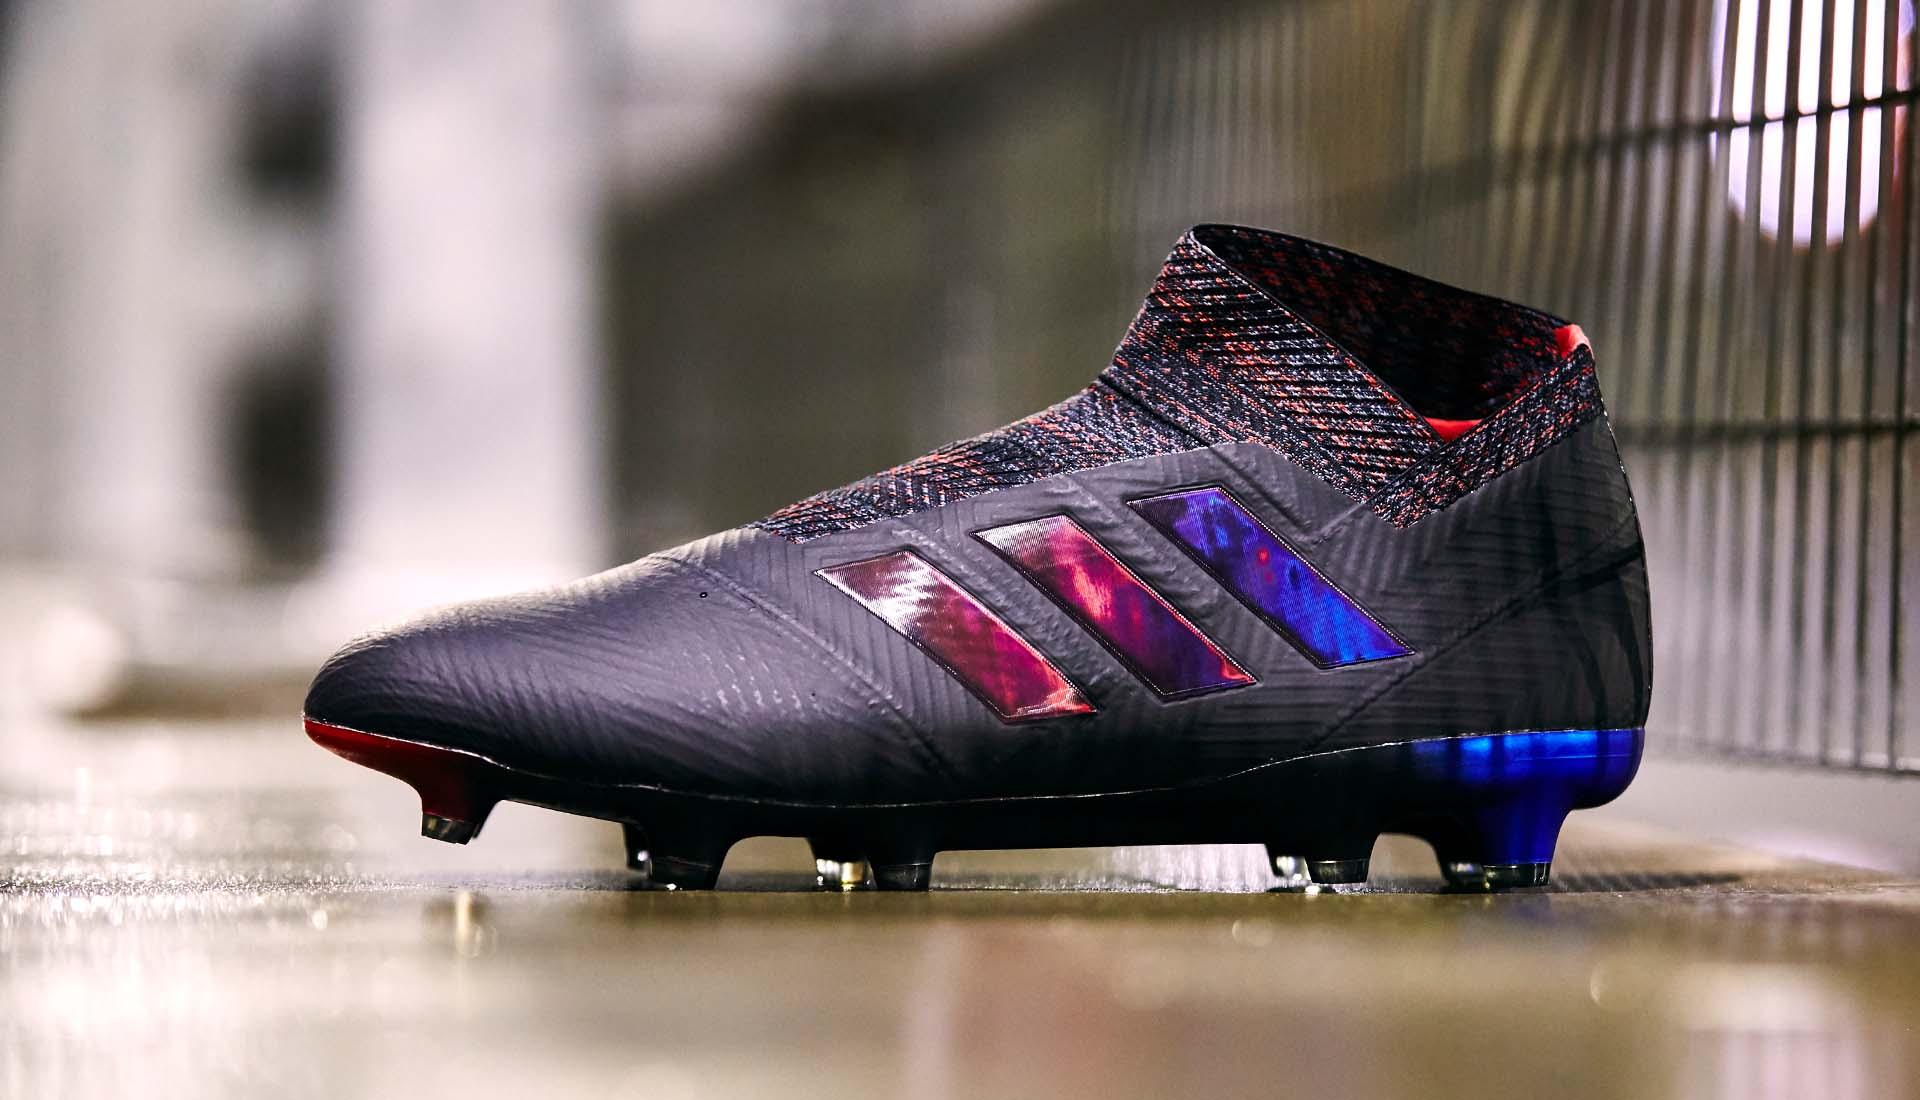 scarpe calcio nere adidas archetic pack